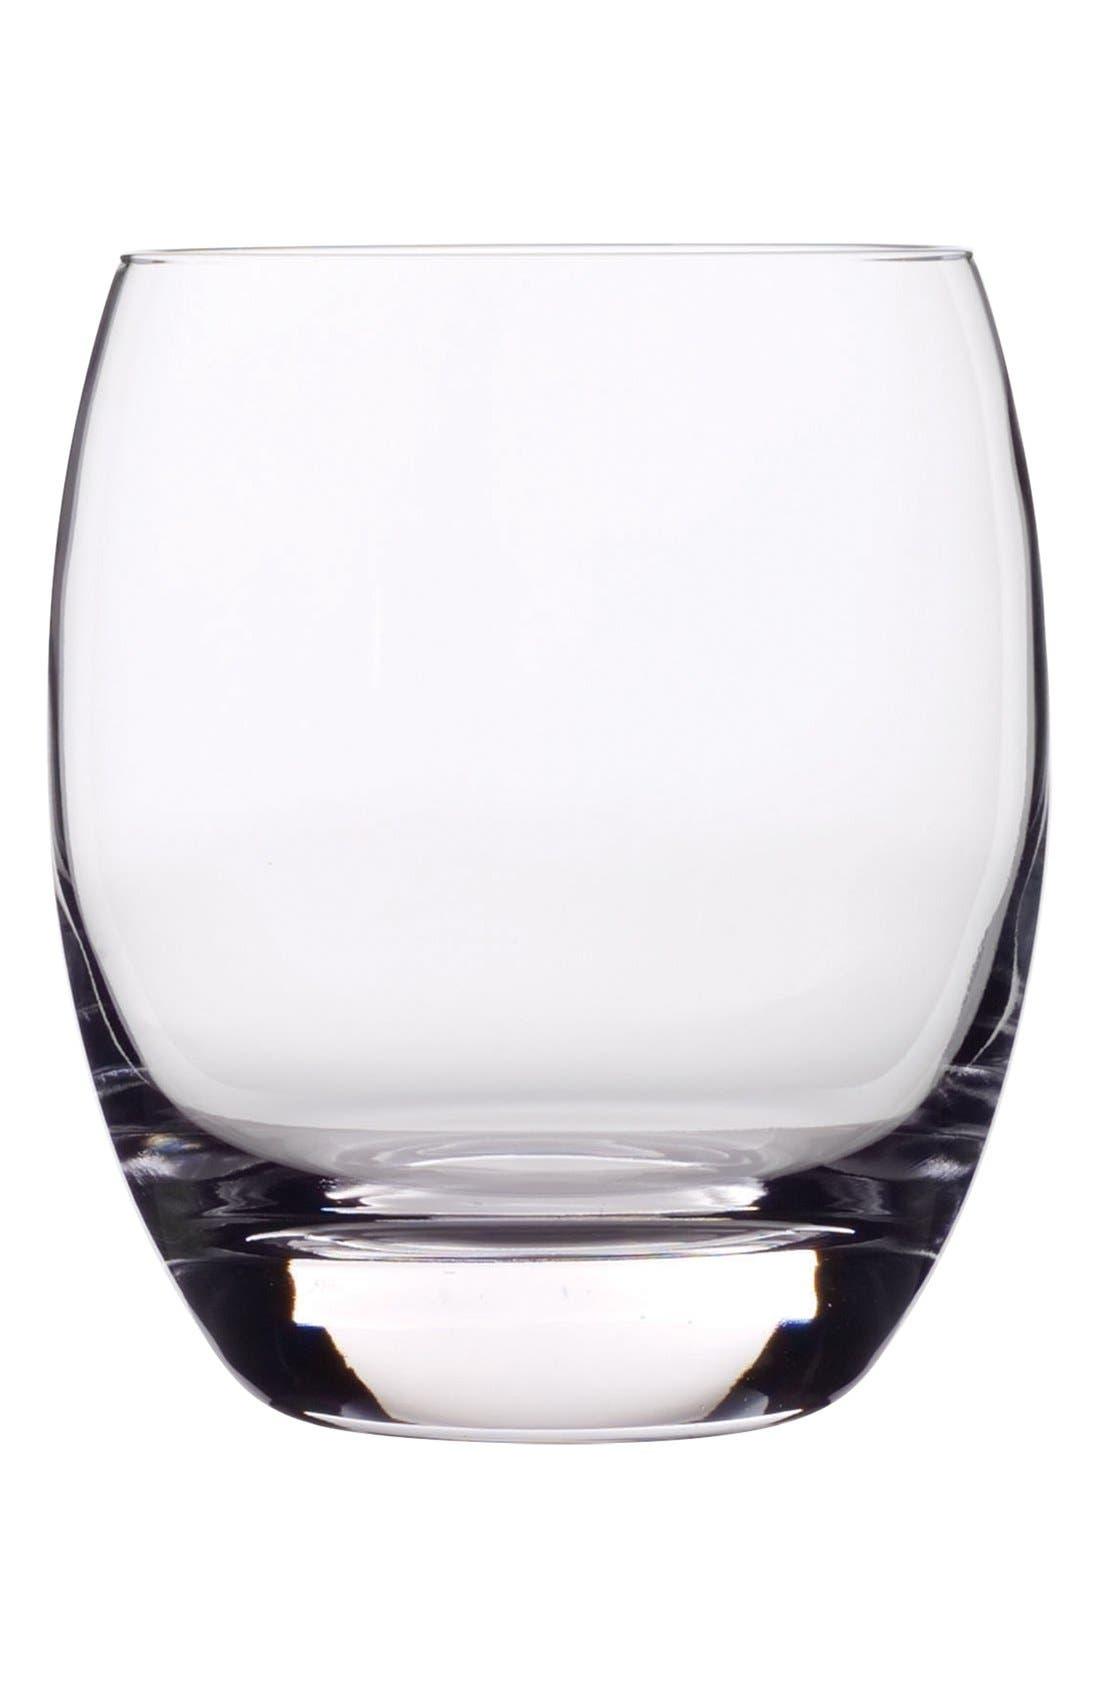 'Crescendo' Double Old Fashioned Glasses,                         Main,                         color, Clear